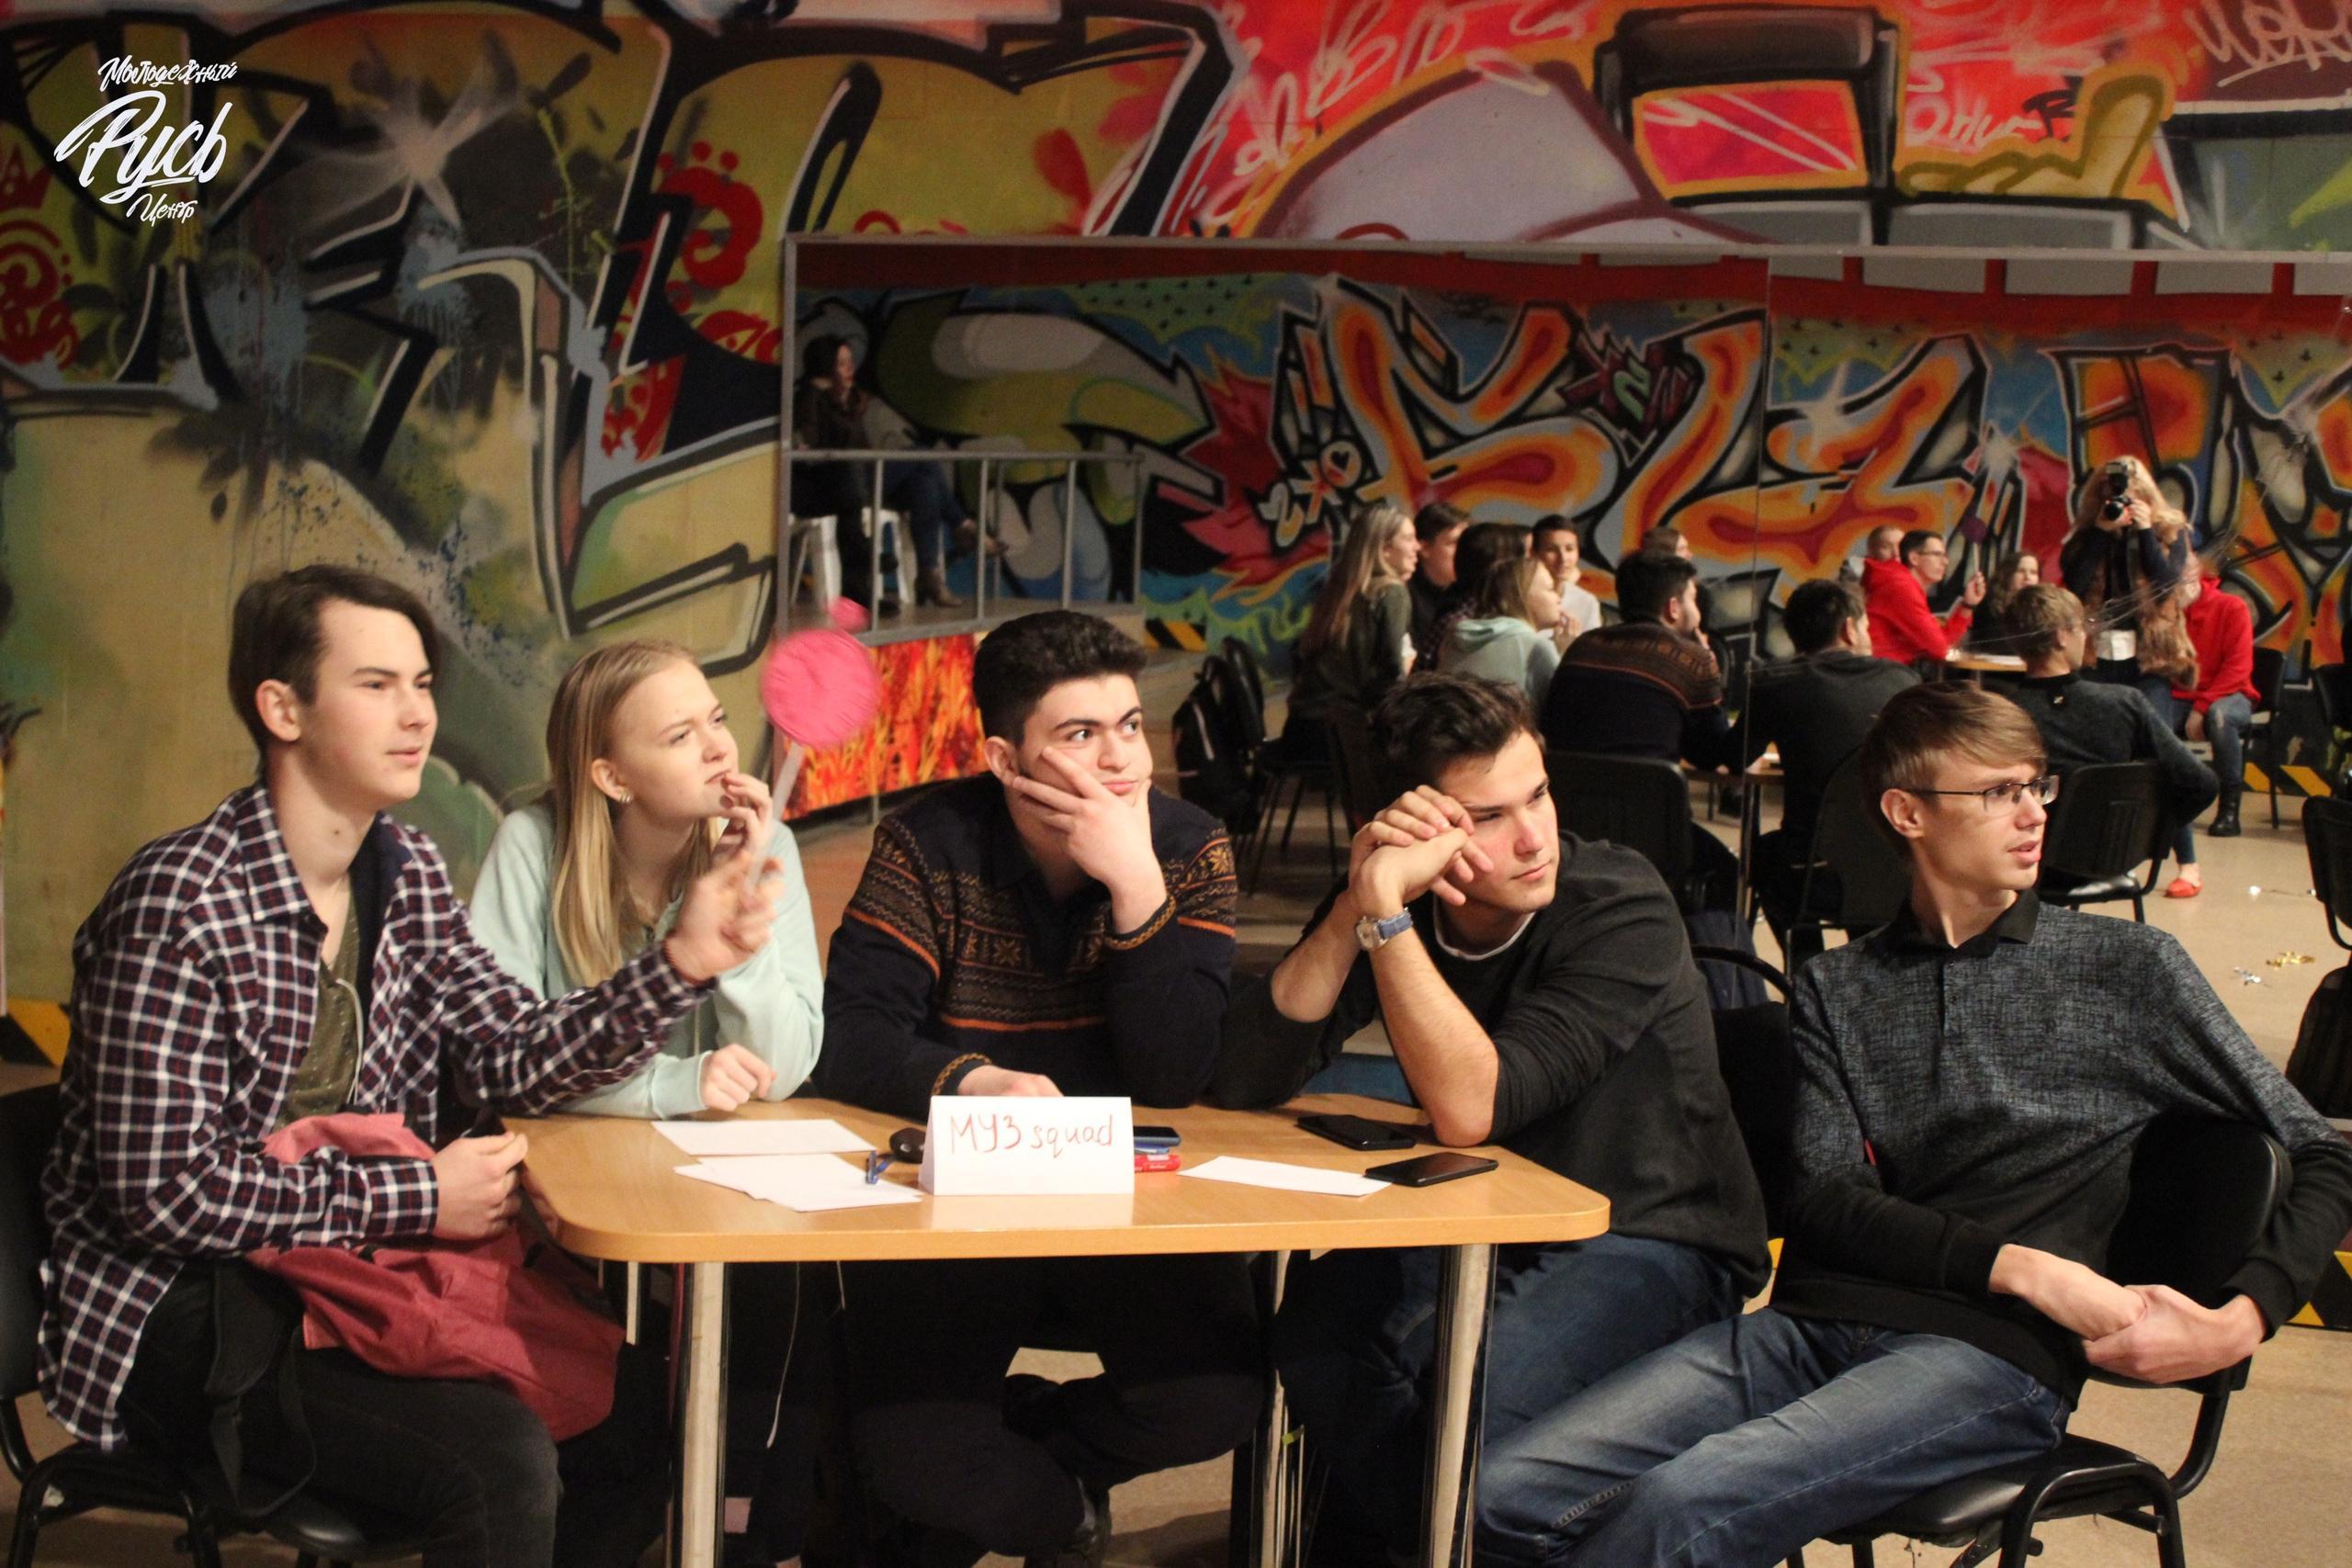 Новости Коломны   Студенты Коломны начали интеллектуальную битву Фото (Коломна)   iz zhizni kolomnyi